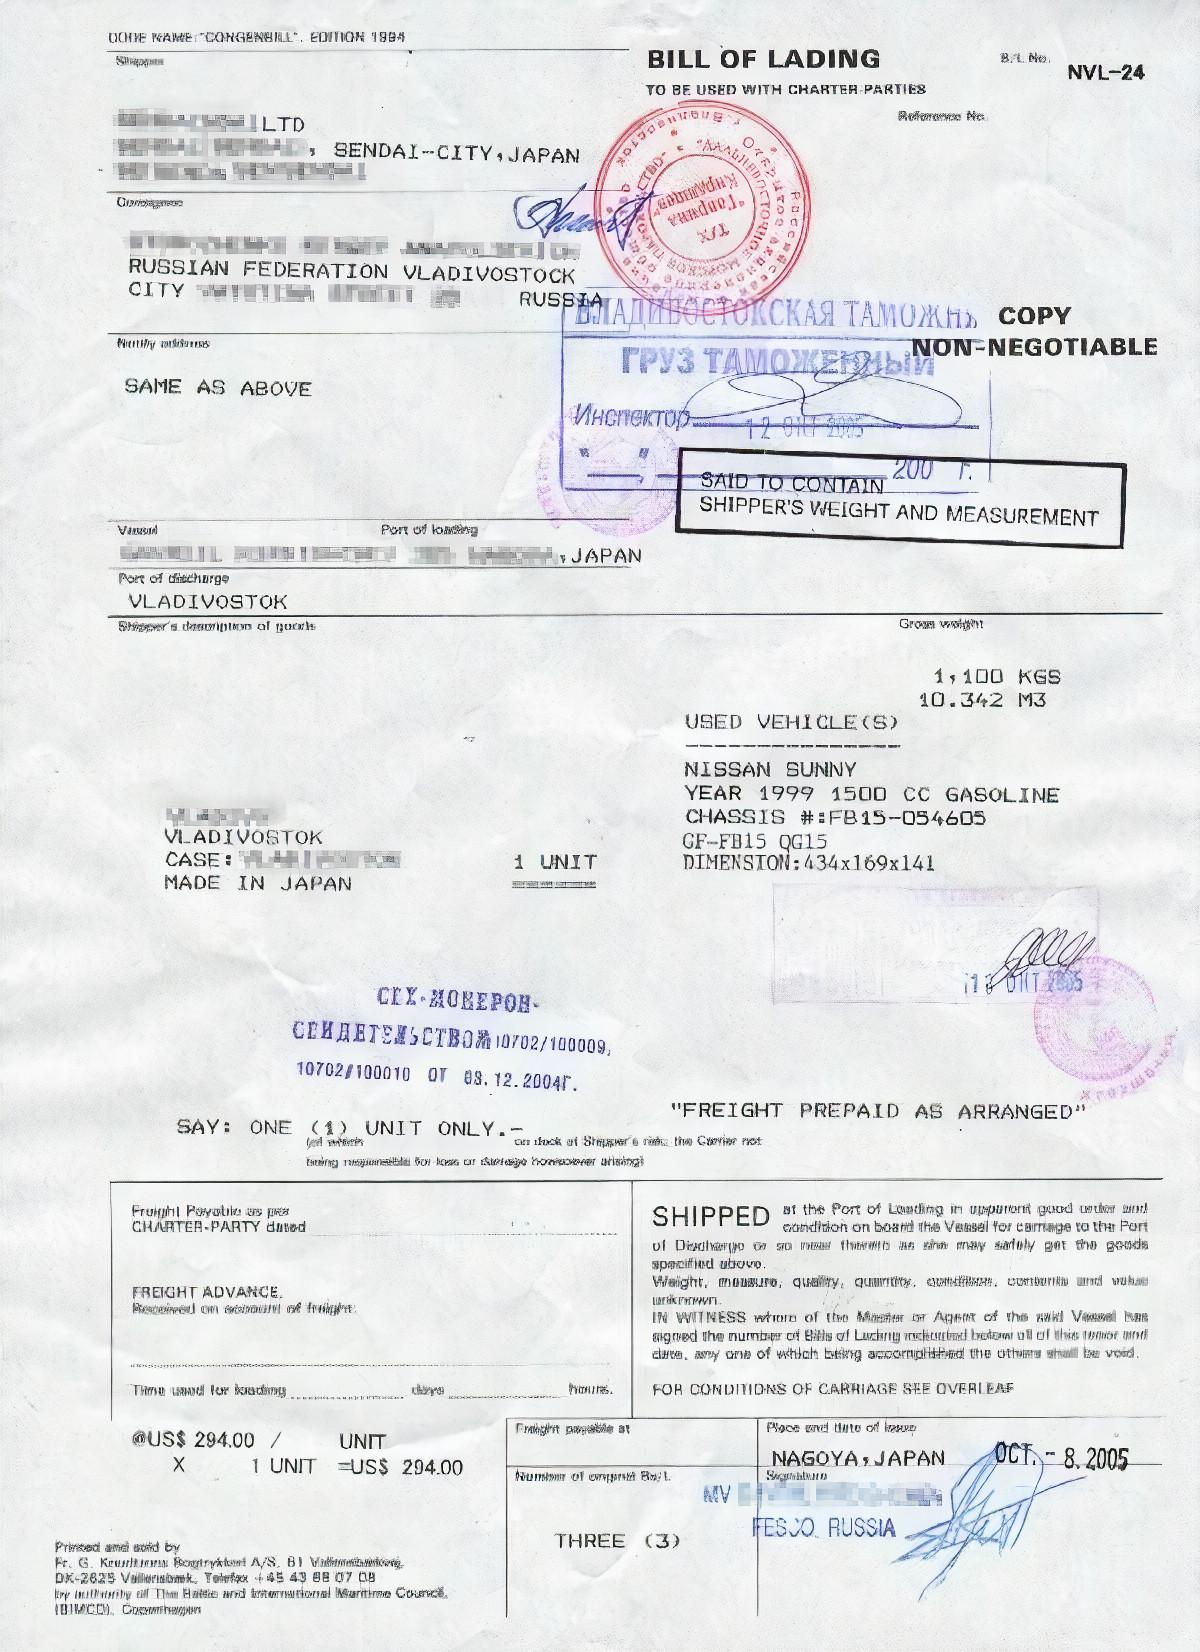 Это коносамент, который подтверждает факт доставки поморю автомобиля изЯпонии воВладивосток. Вданном случае перевозка осуществляется отодного физлица к другому, ноприкоммерческих сделках между компаниями документ выглядит также